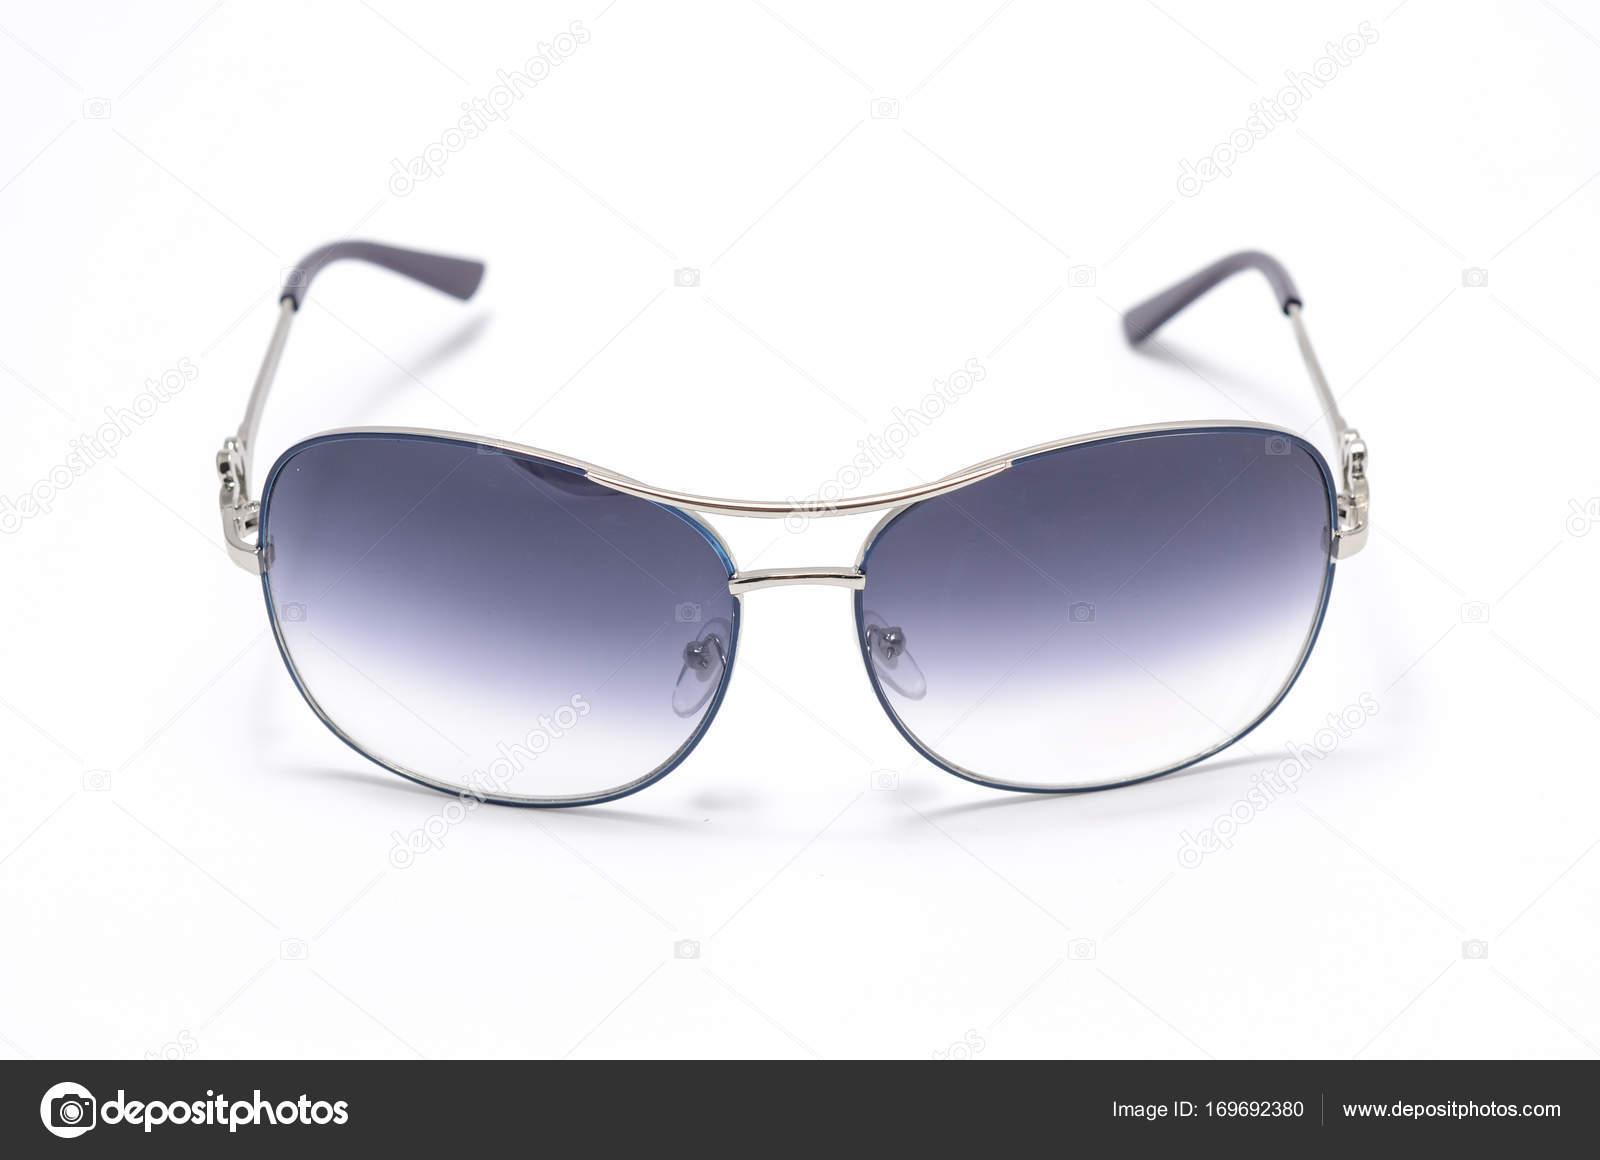 Damen Sonnenbrille in einem eisernen Rahmen isoliert auf weiss ...